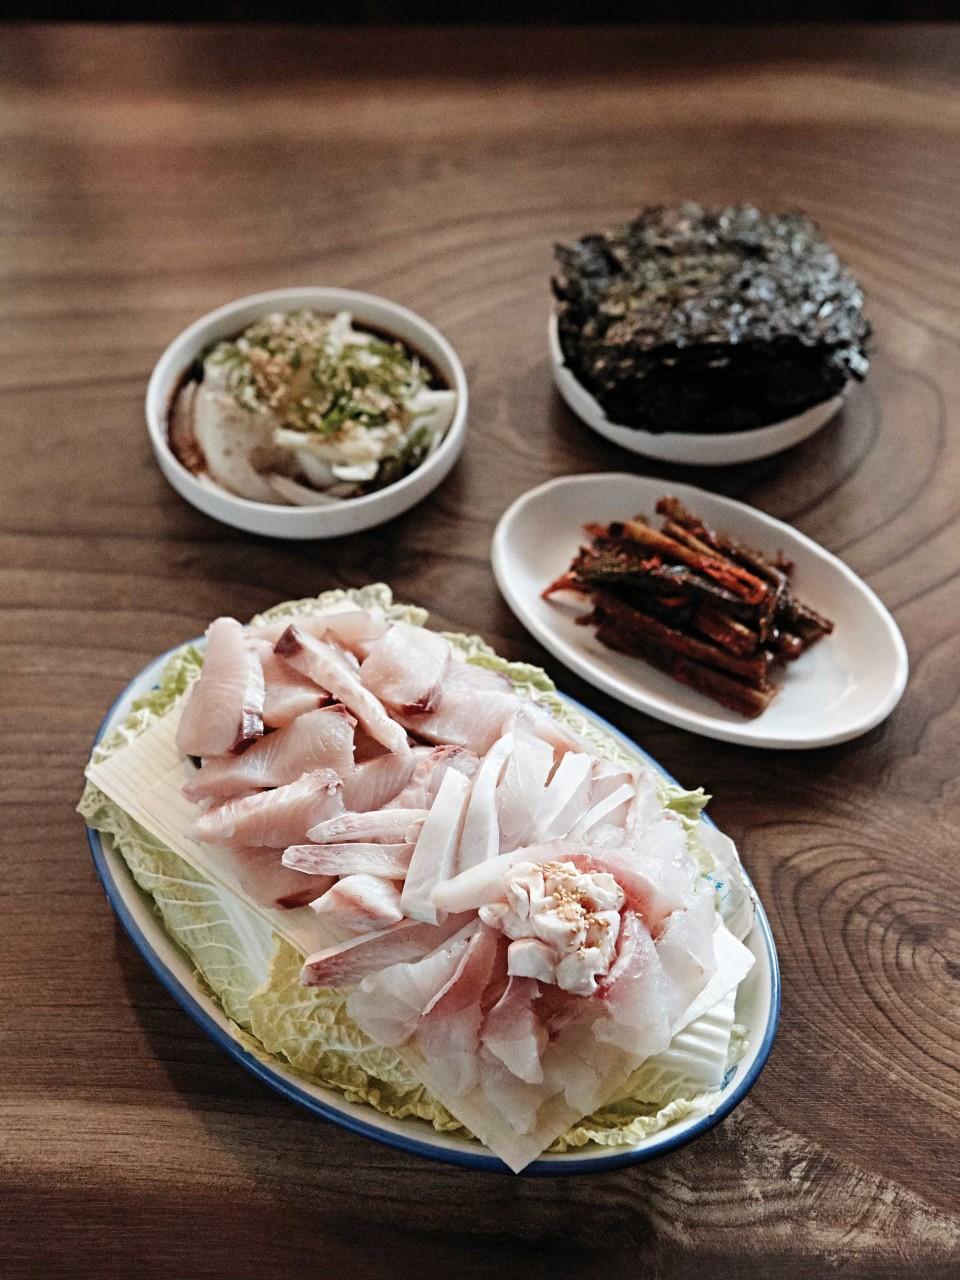 민들레집에서 맛본 선어회. 민어와 덕자병어, 삼치가 함께 나온다. 미식가인 여수 사람들은 활어보다 선어를 즐긴다. © 김재욱